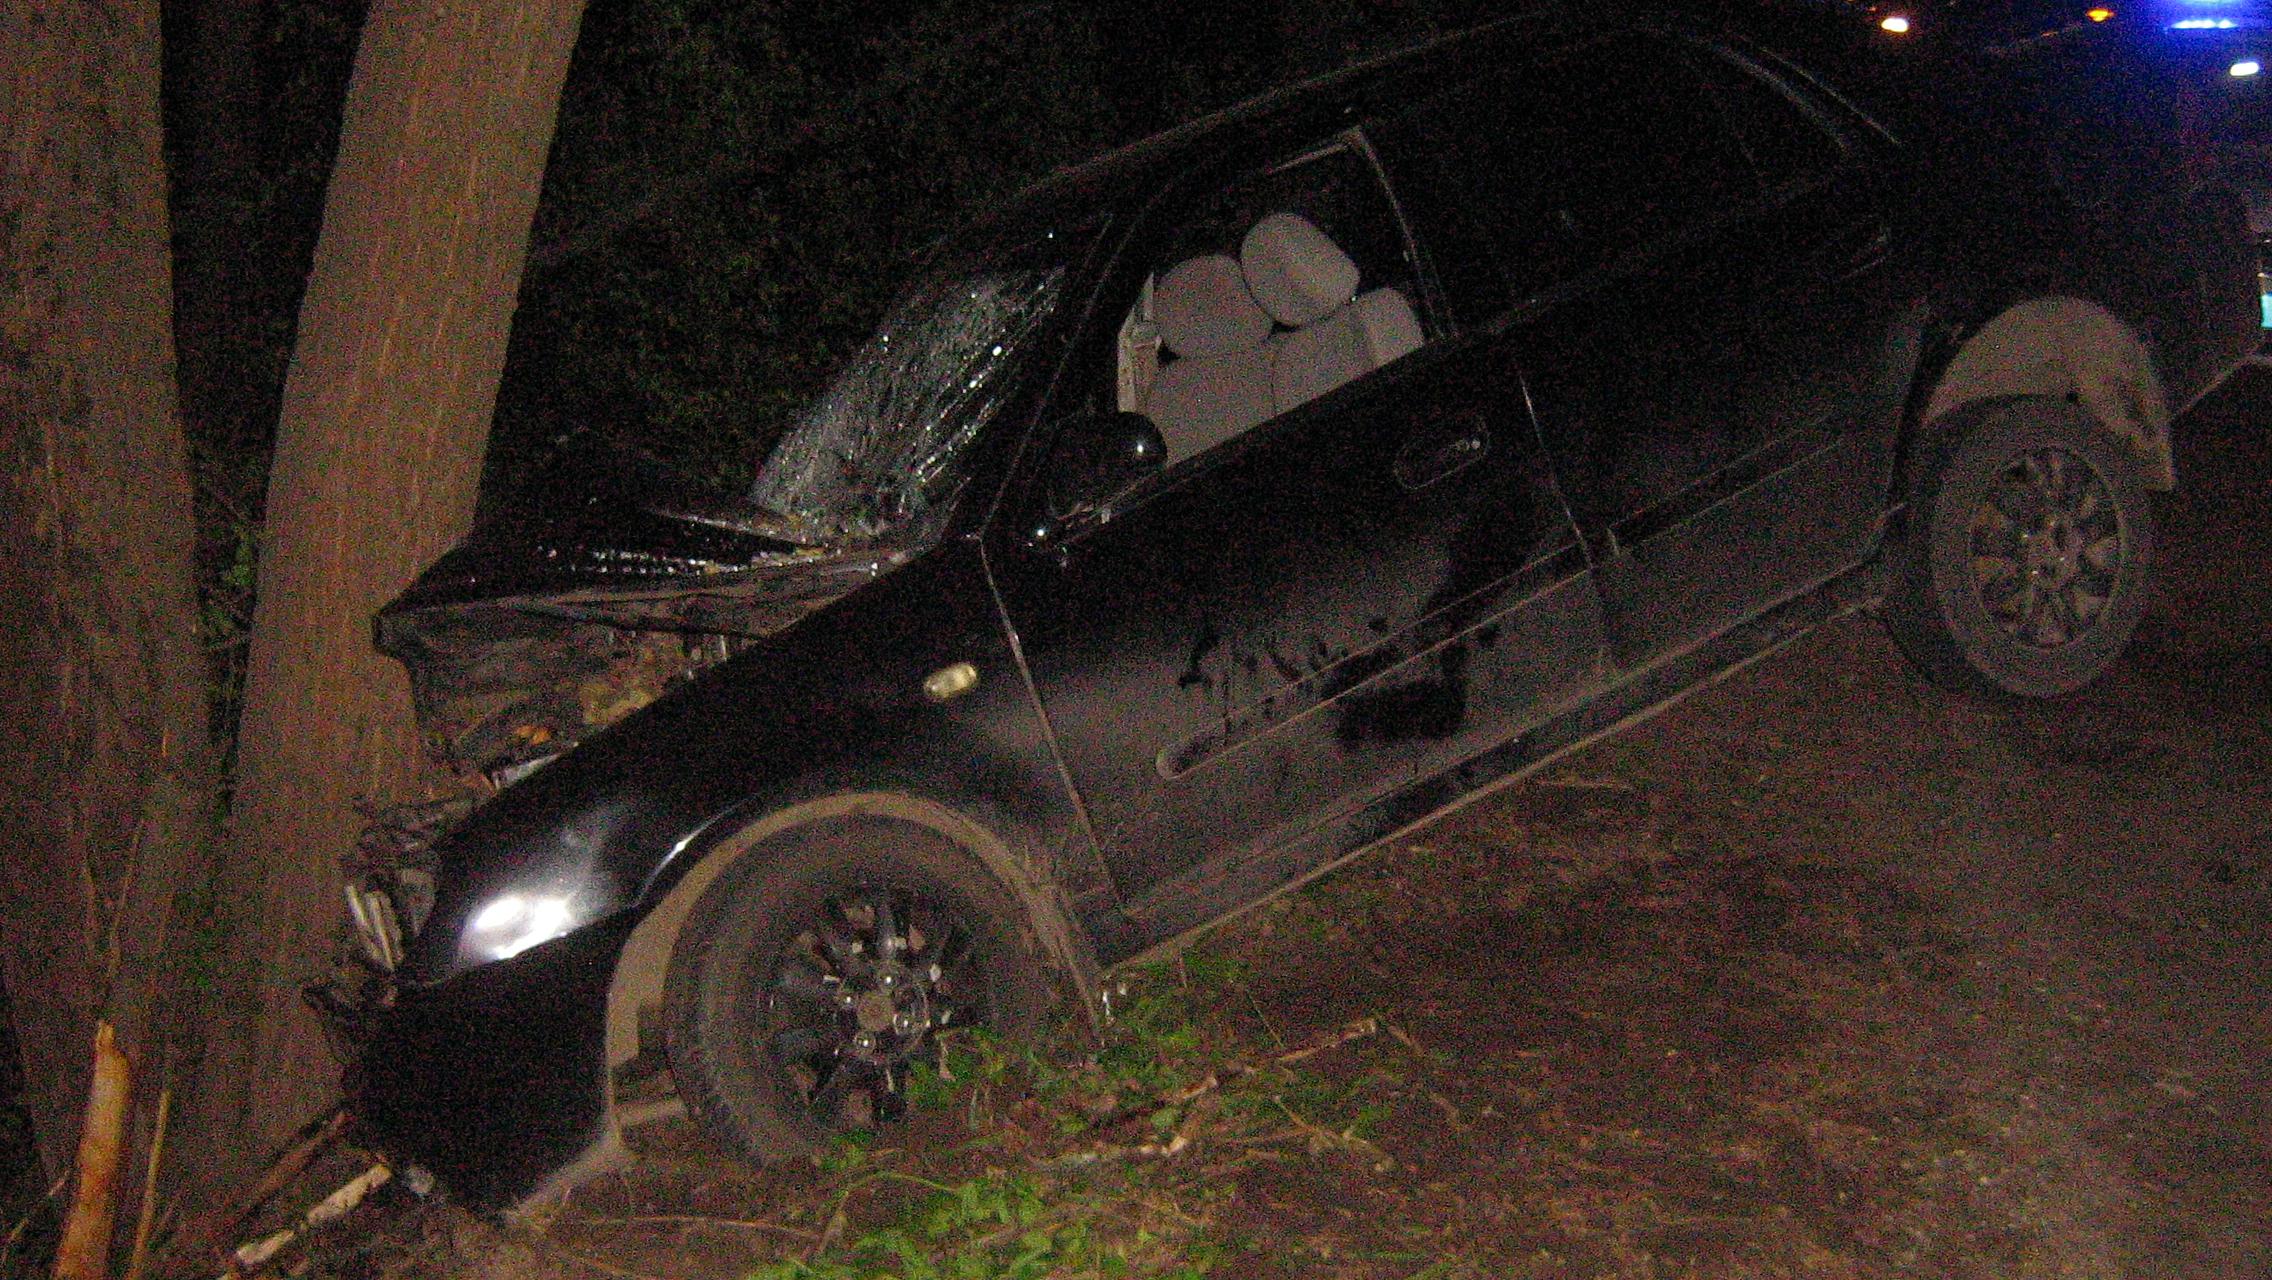 На трассе в Ярославской области иномарка врезалась в дерево: водитель ранен